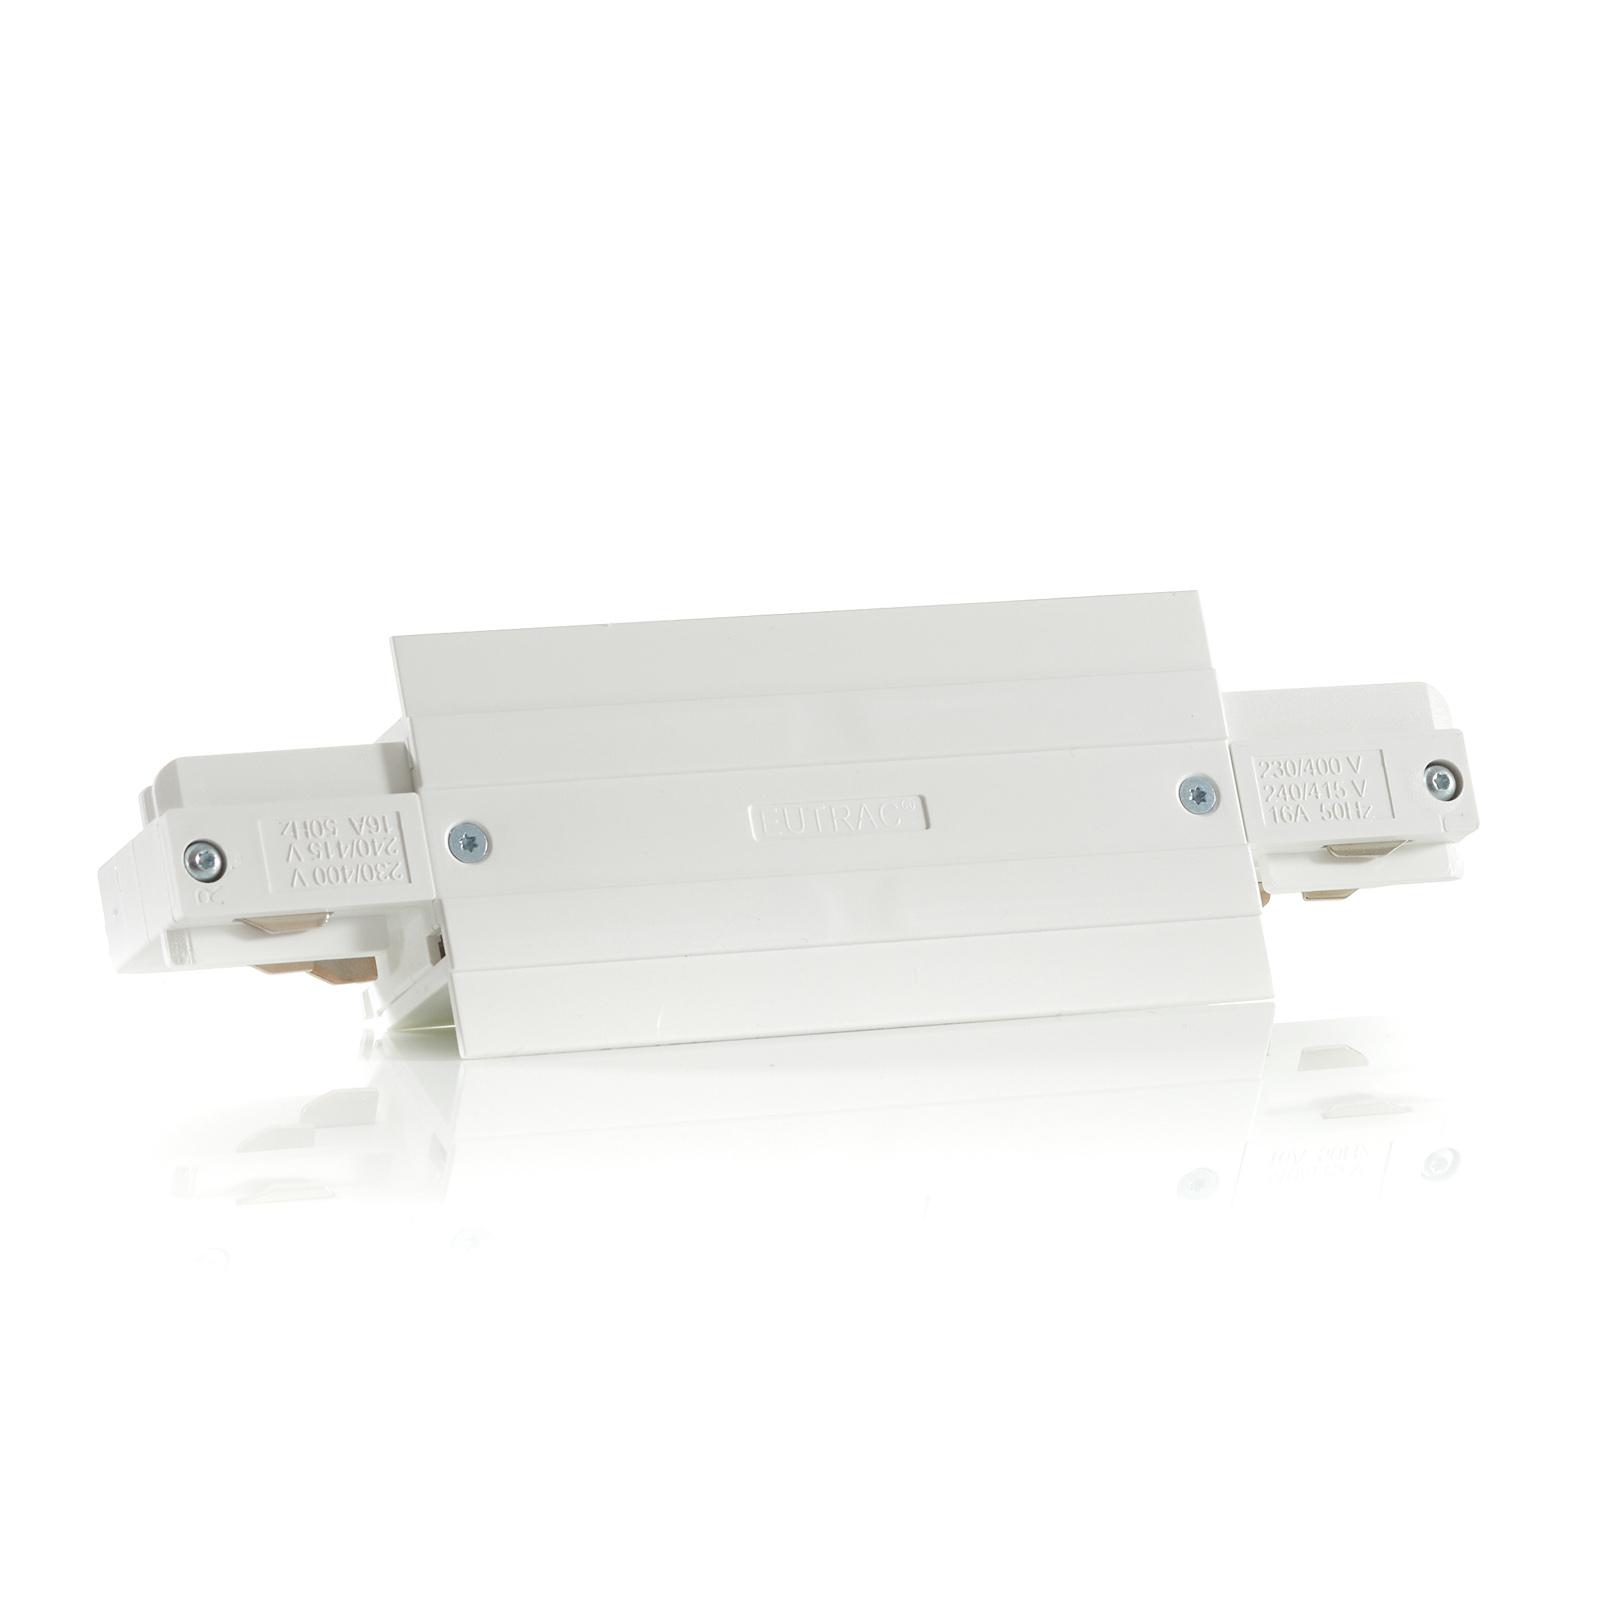 Eutrac I-Verbinder für Einbauschiene, weiß